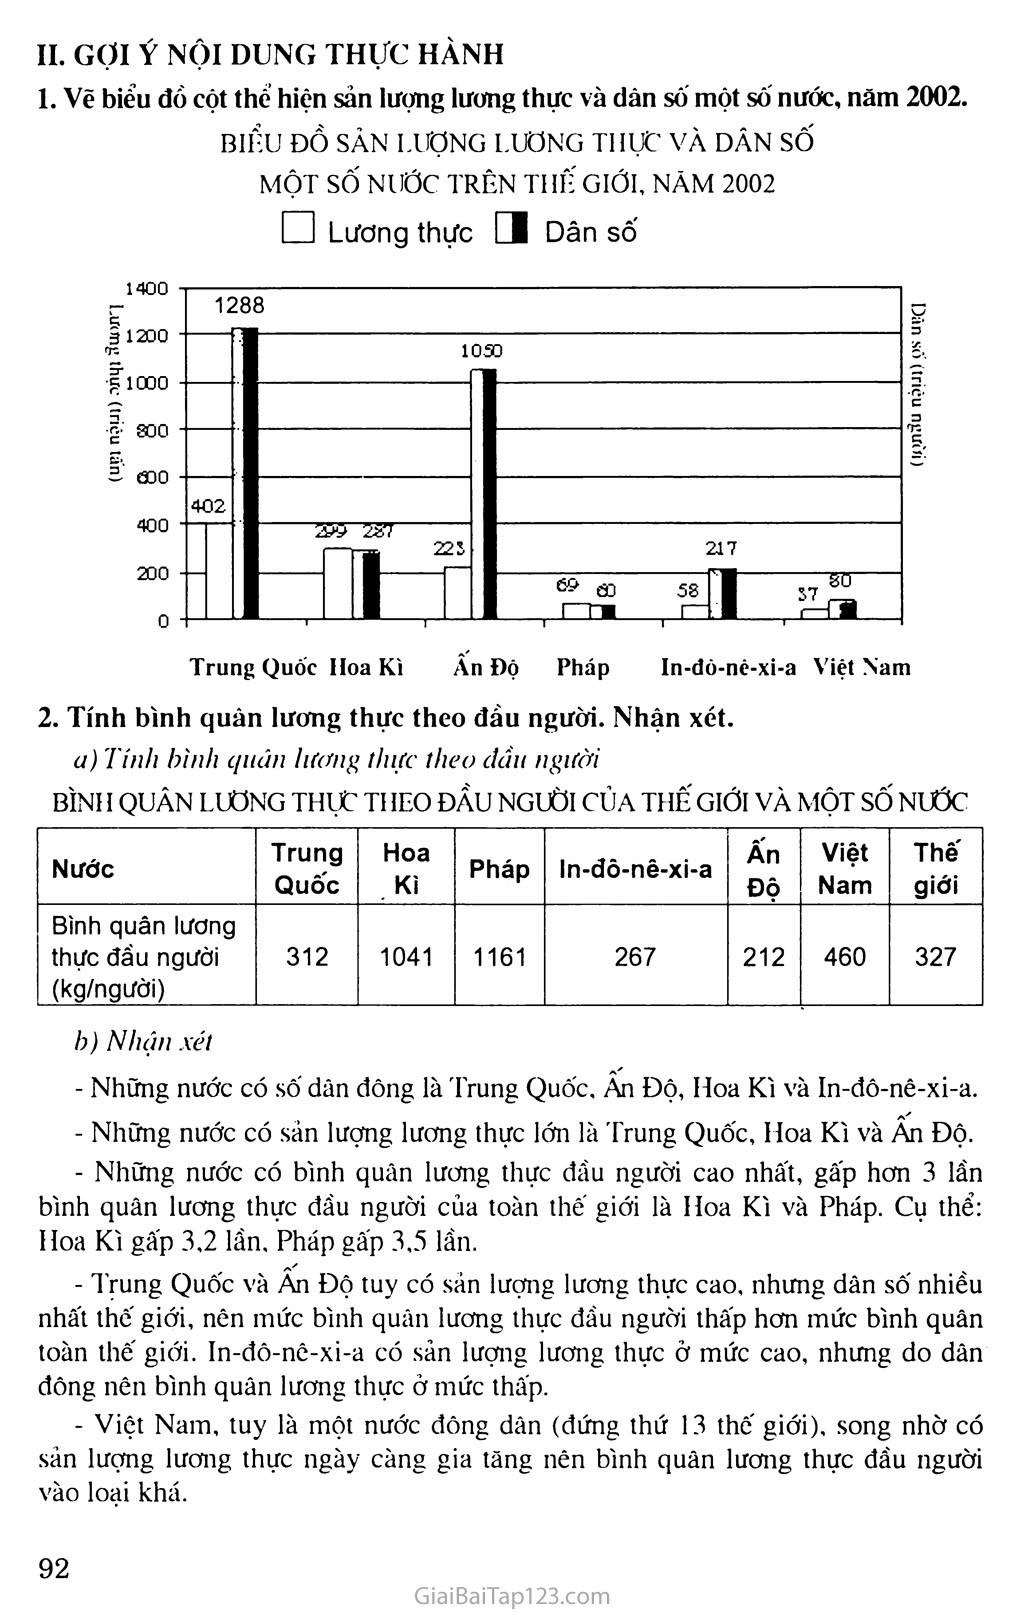 Bài 30: Thực hành: Vẽ và phân tích biểu đồ về sản lượng lương thực, dân số của thế giới và một số quốc gia trang 2